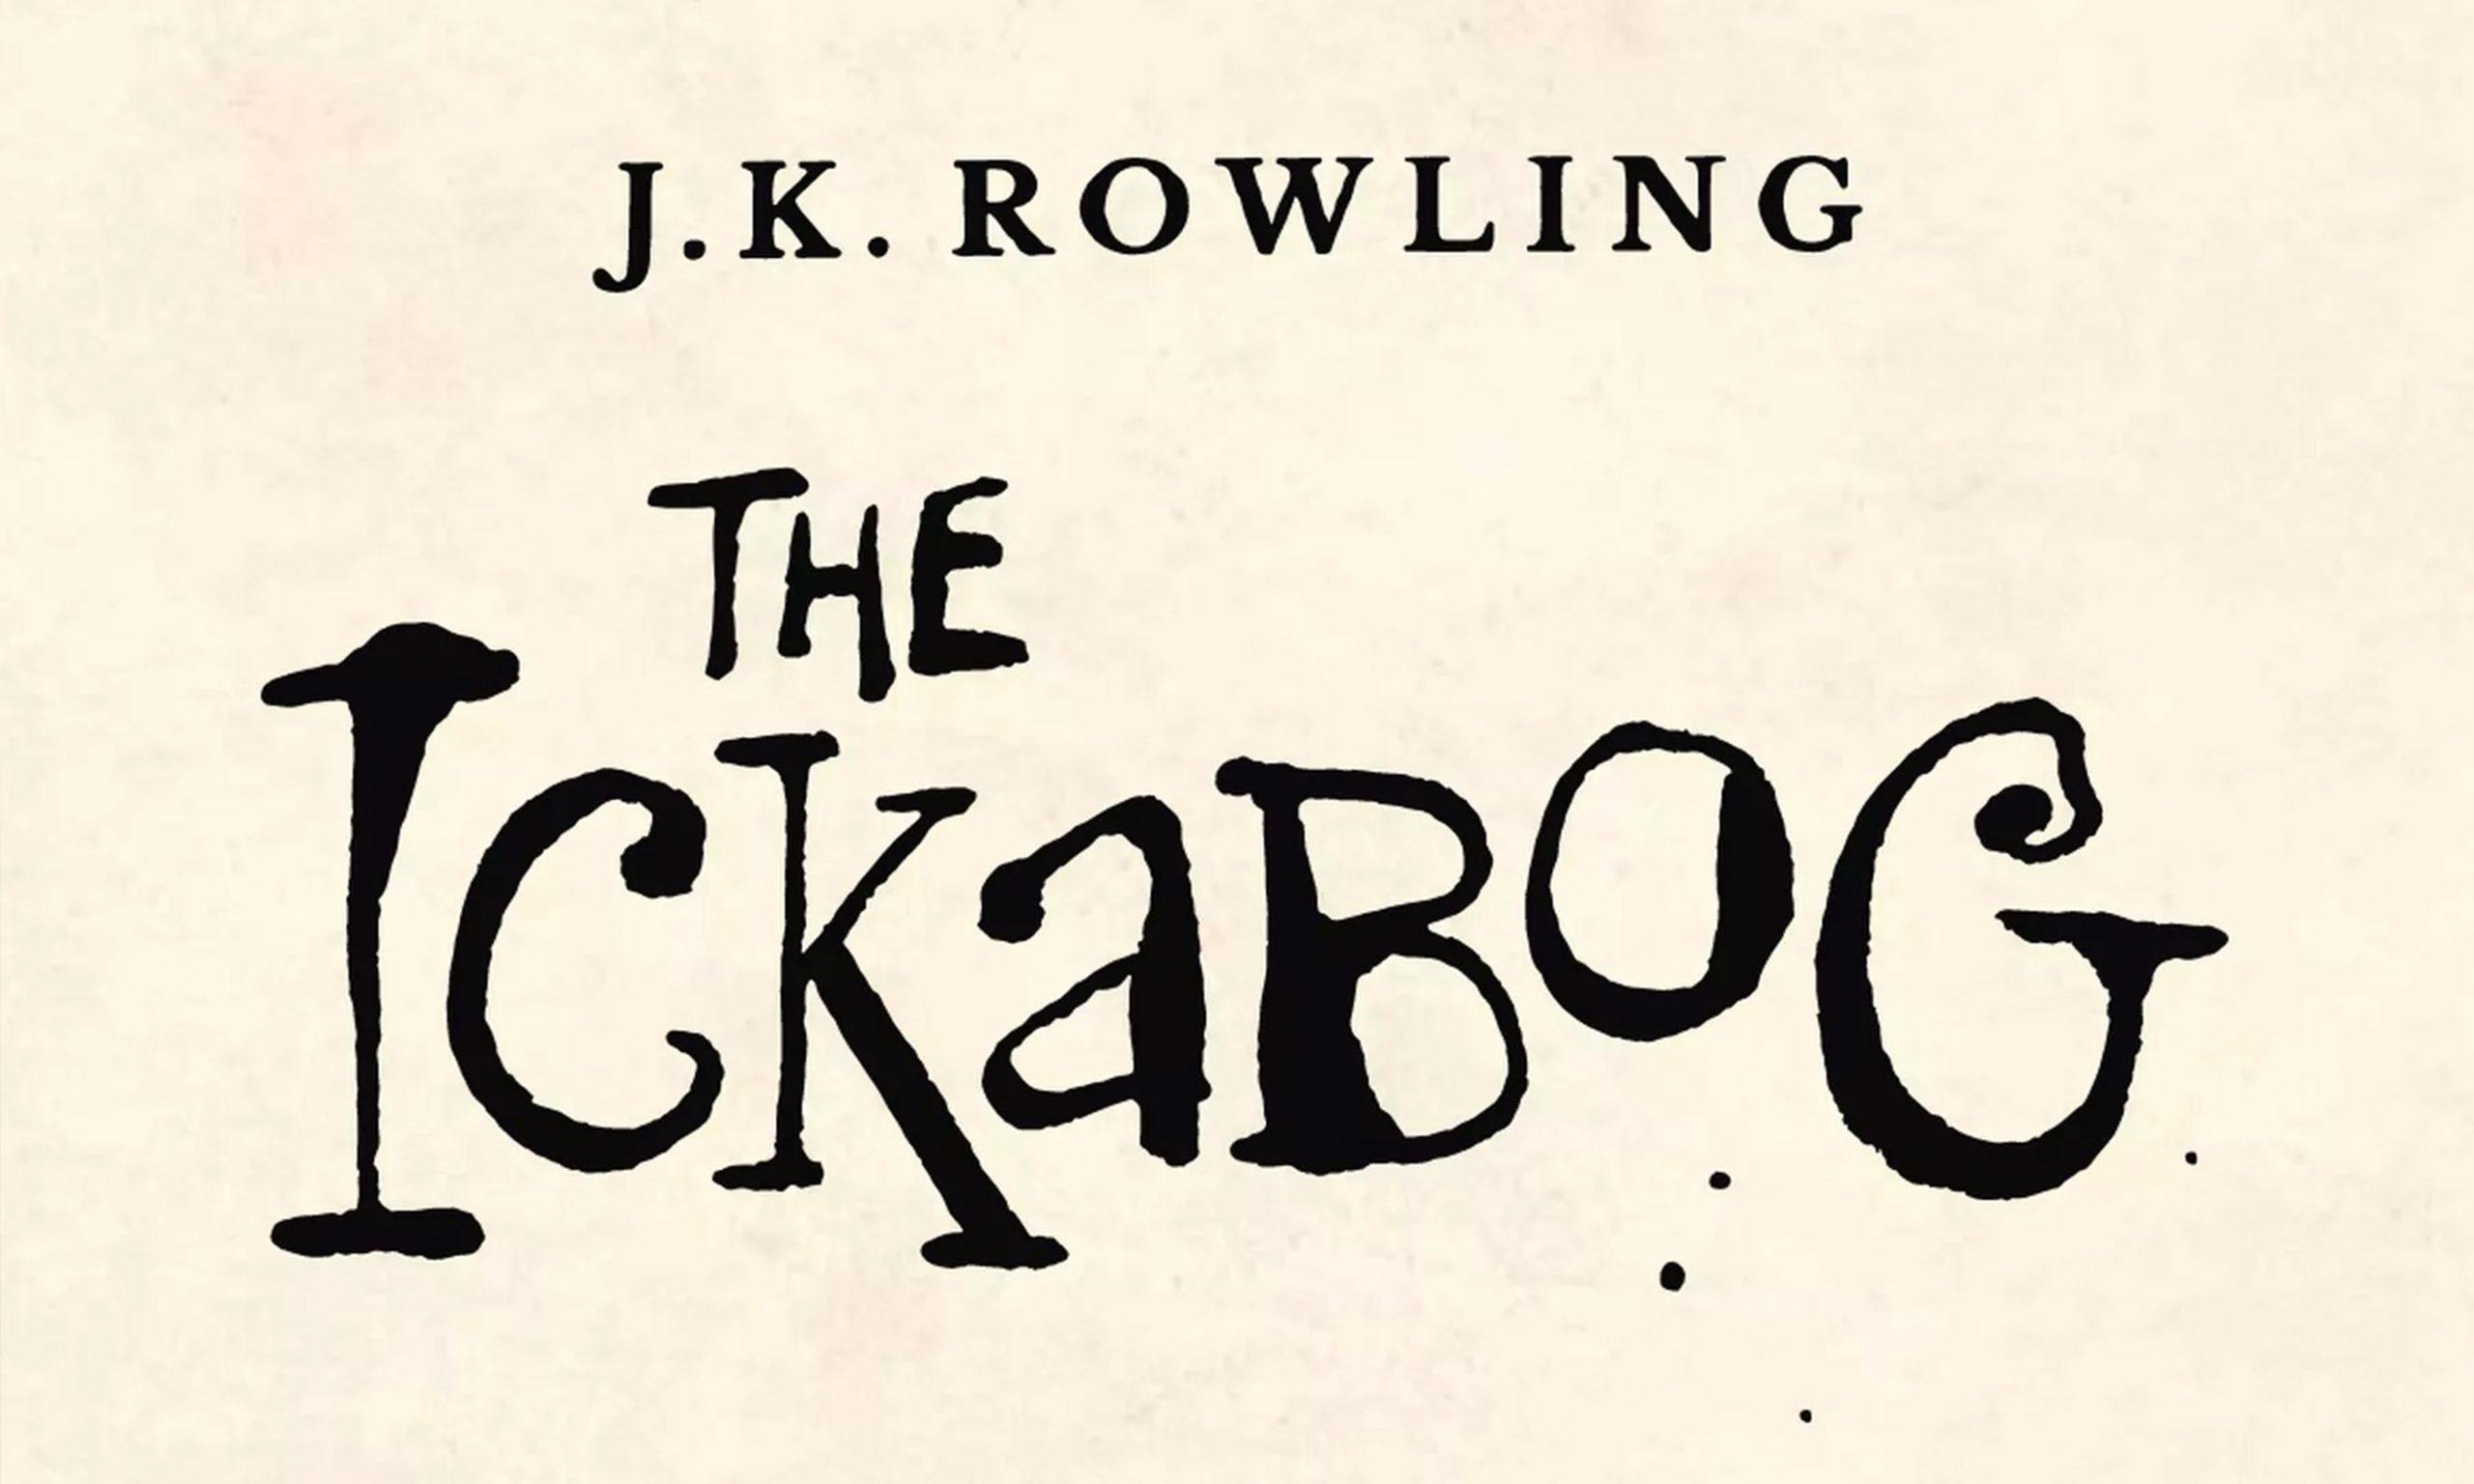 J.K. 罗琳将出新书《The Ickabog》